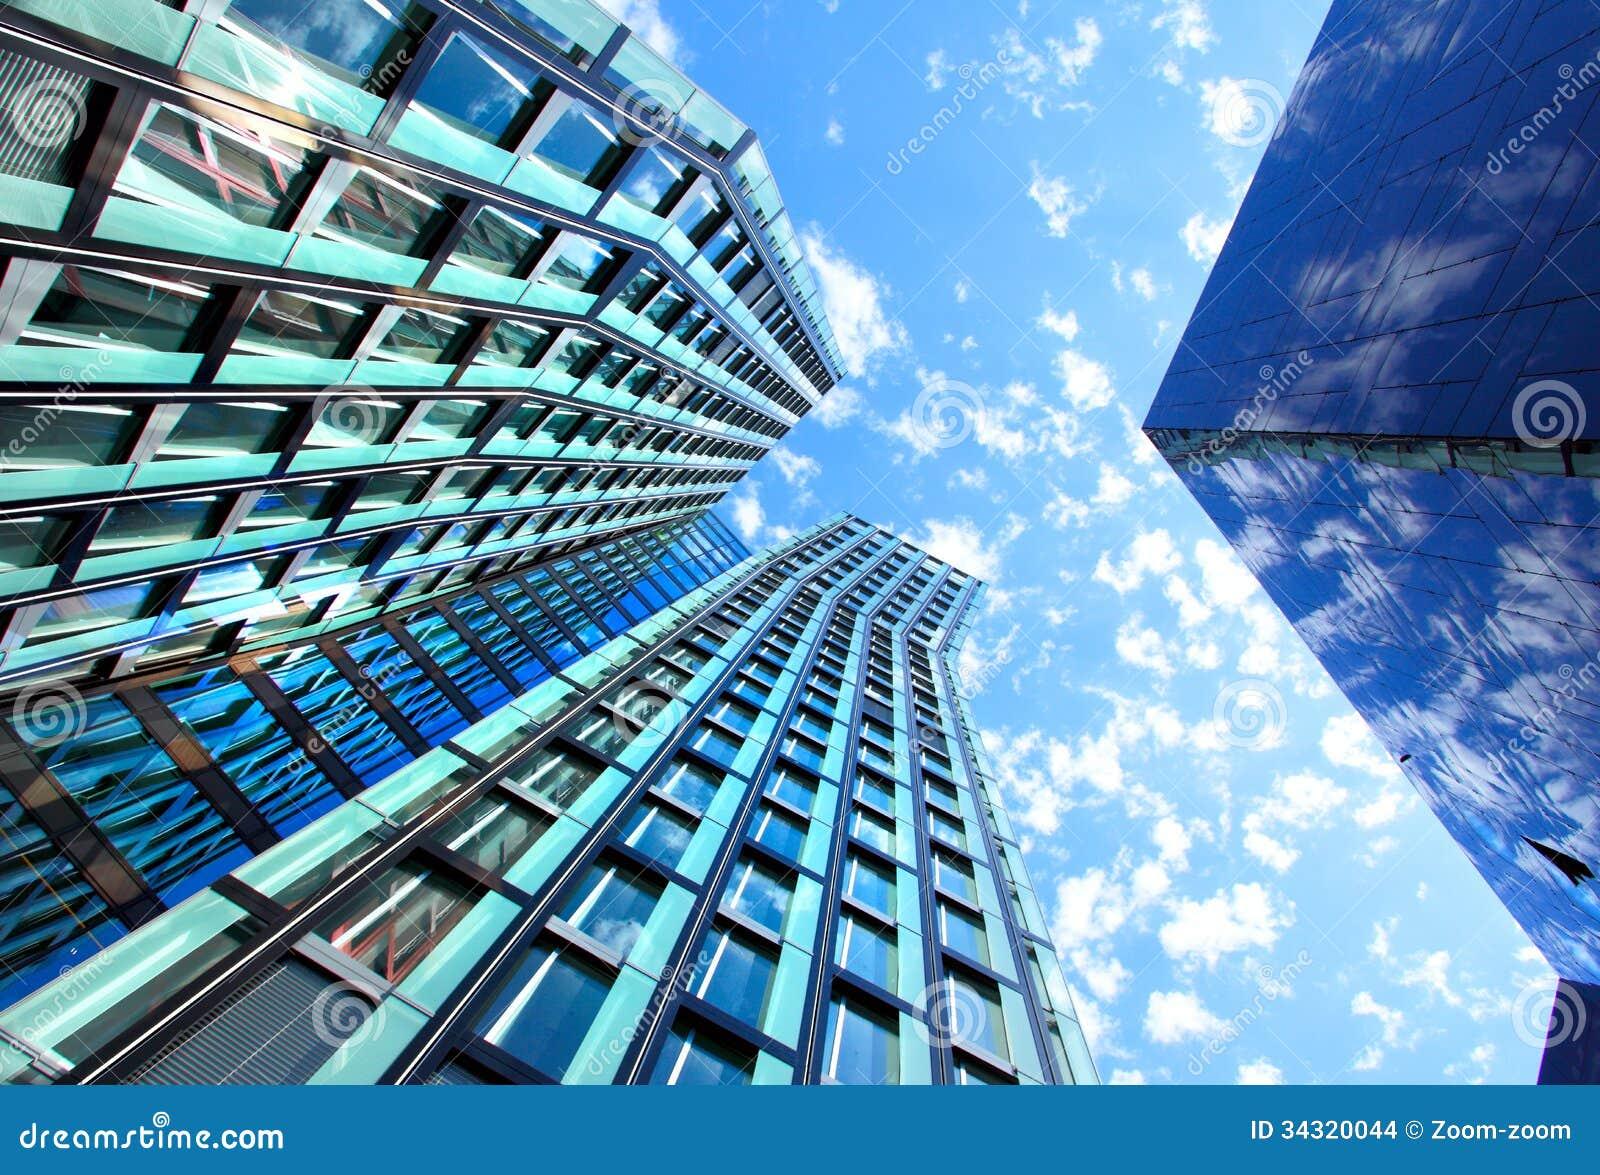 close up city pirna - photo #11